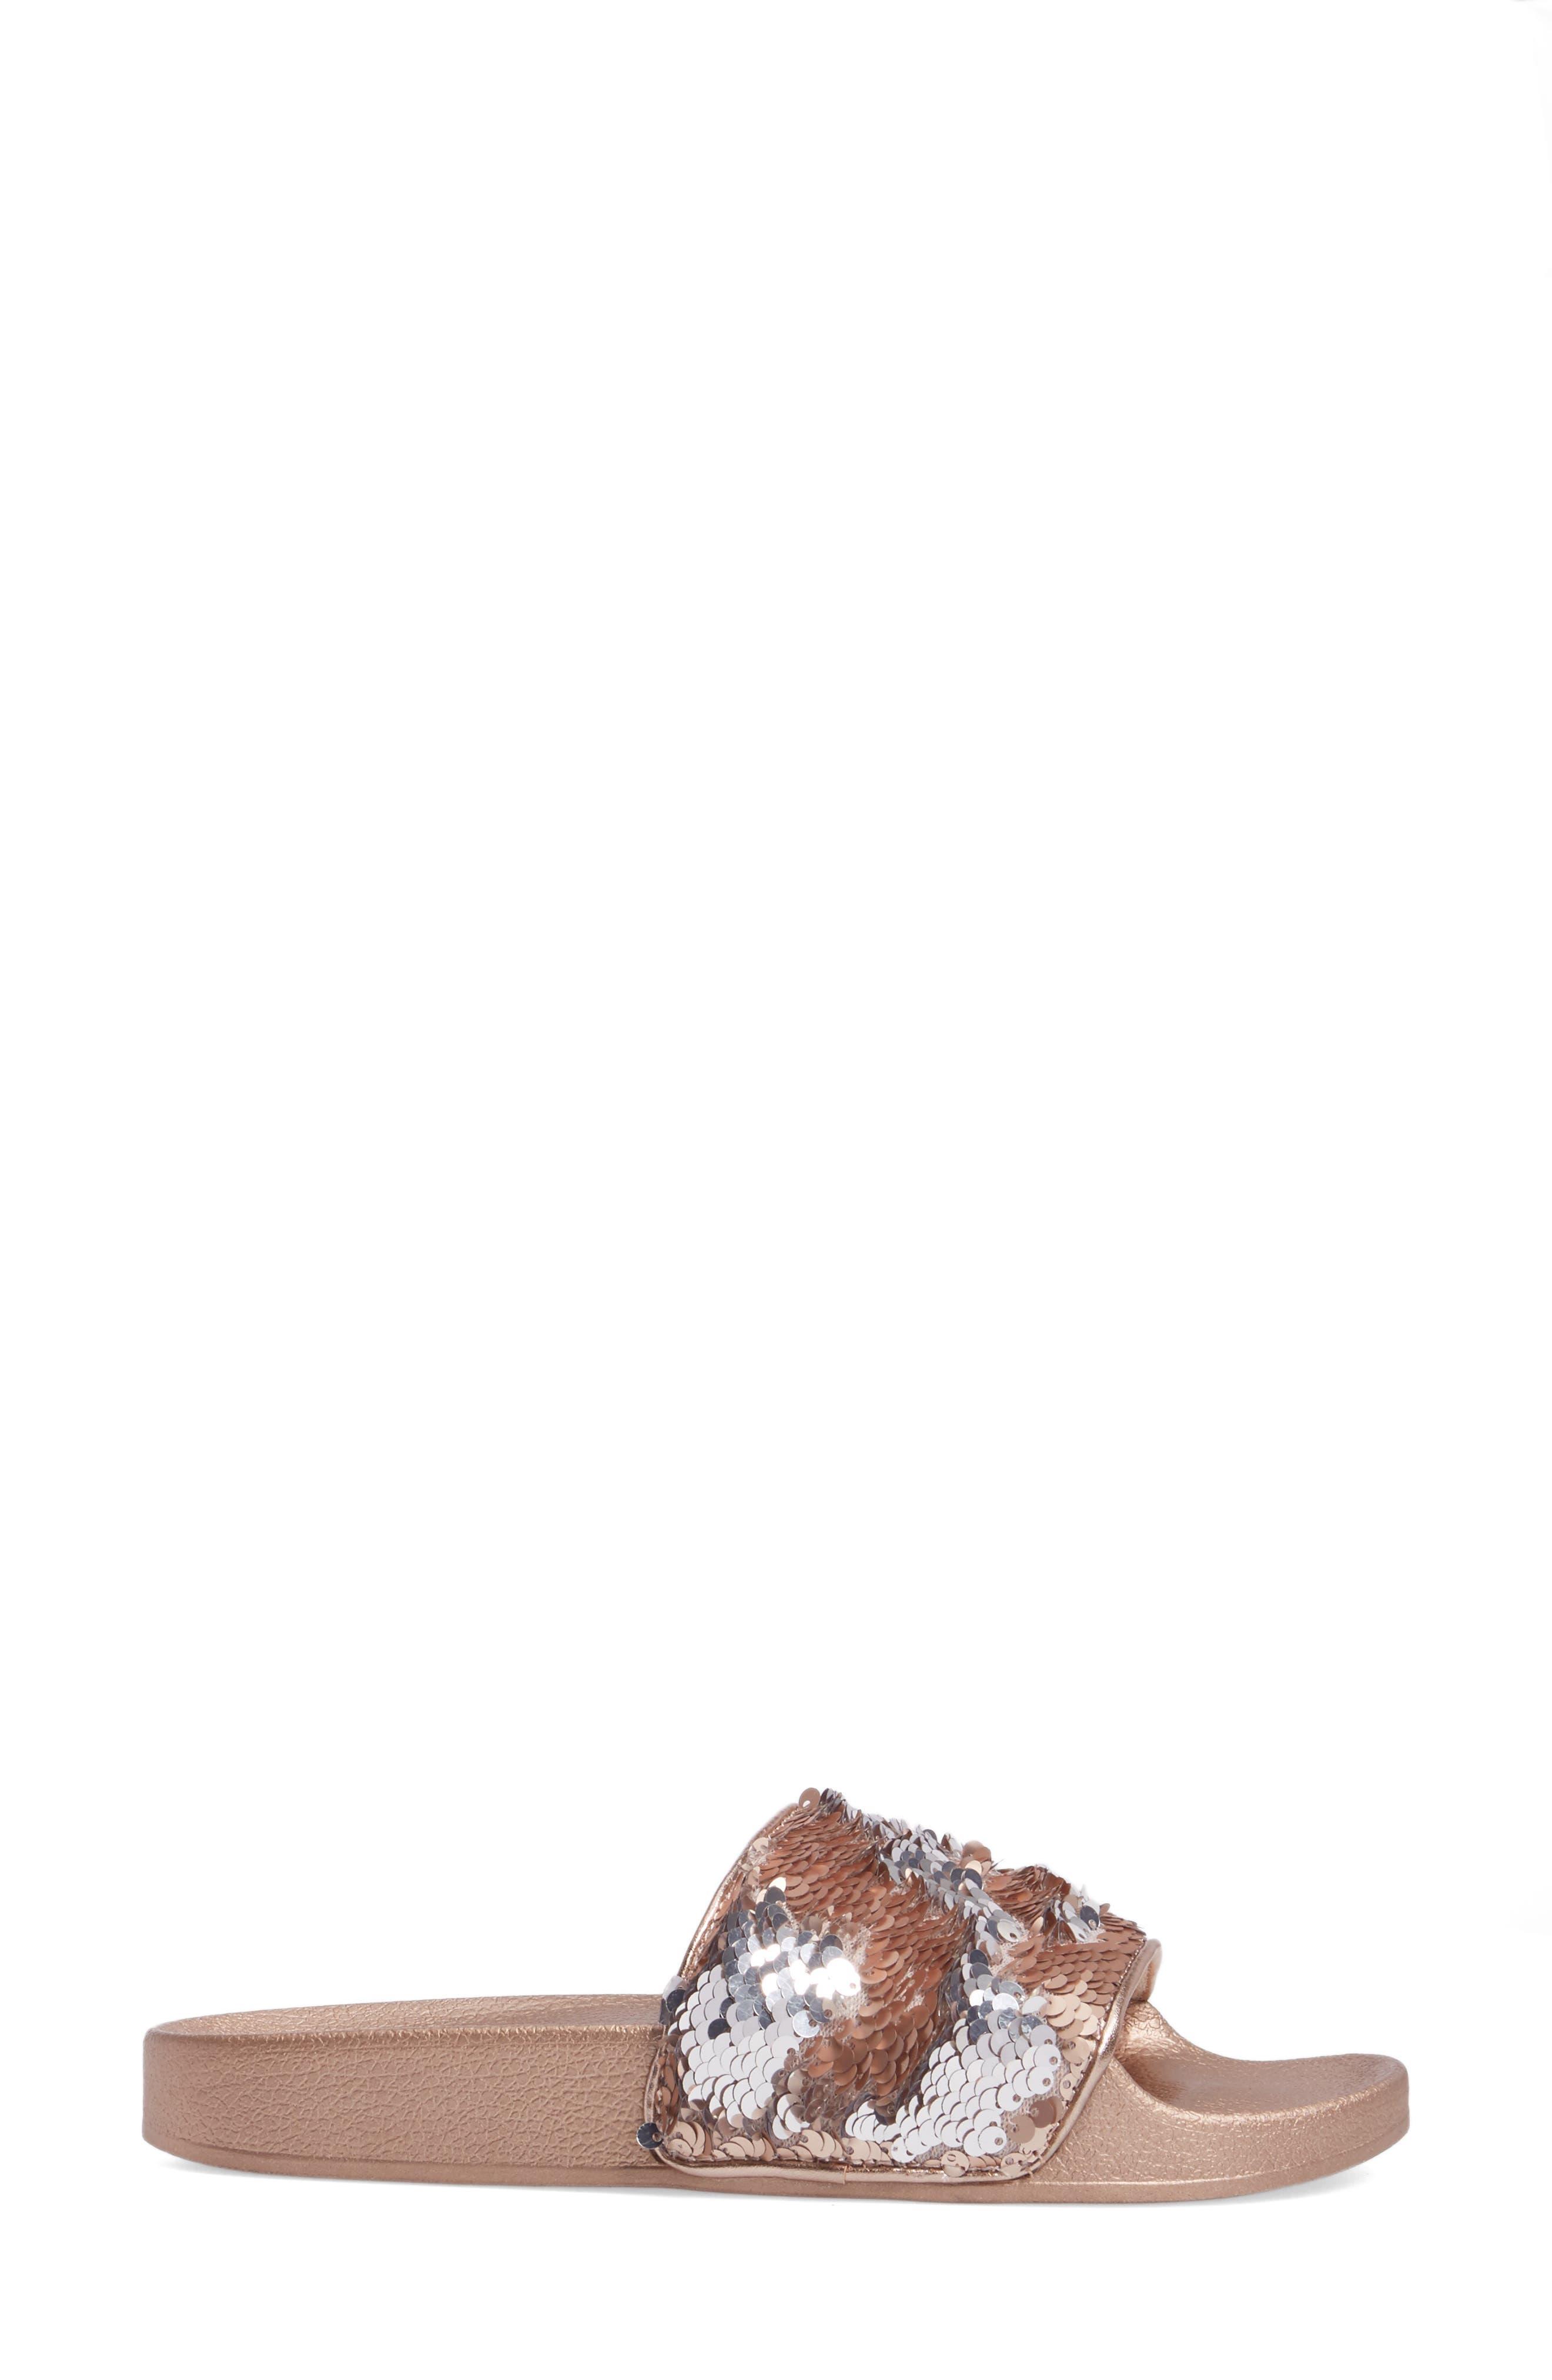 Softey Sequin Slide Sandal,                             Alternate thumbnail 3, color,                             686